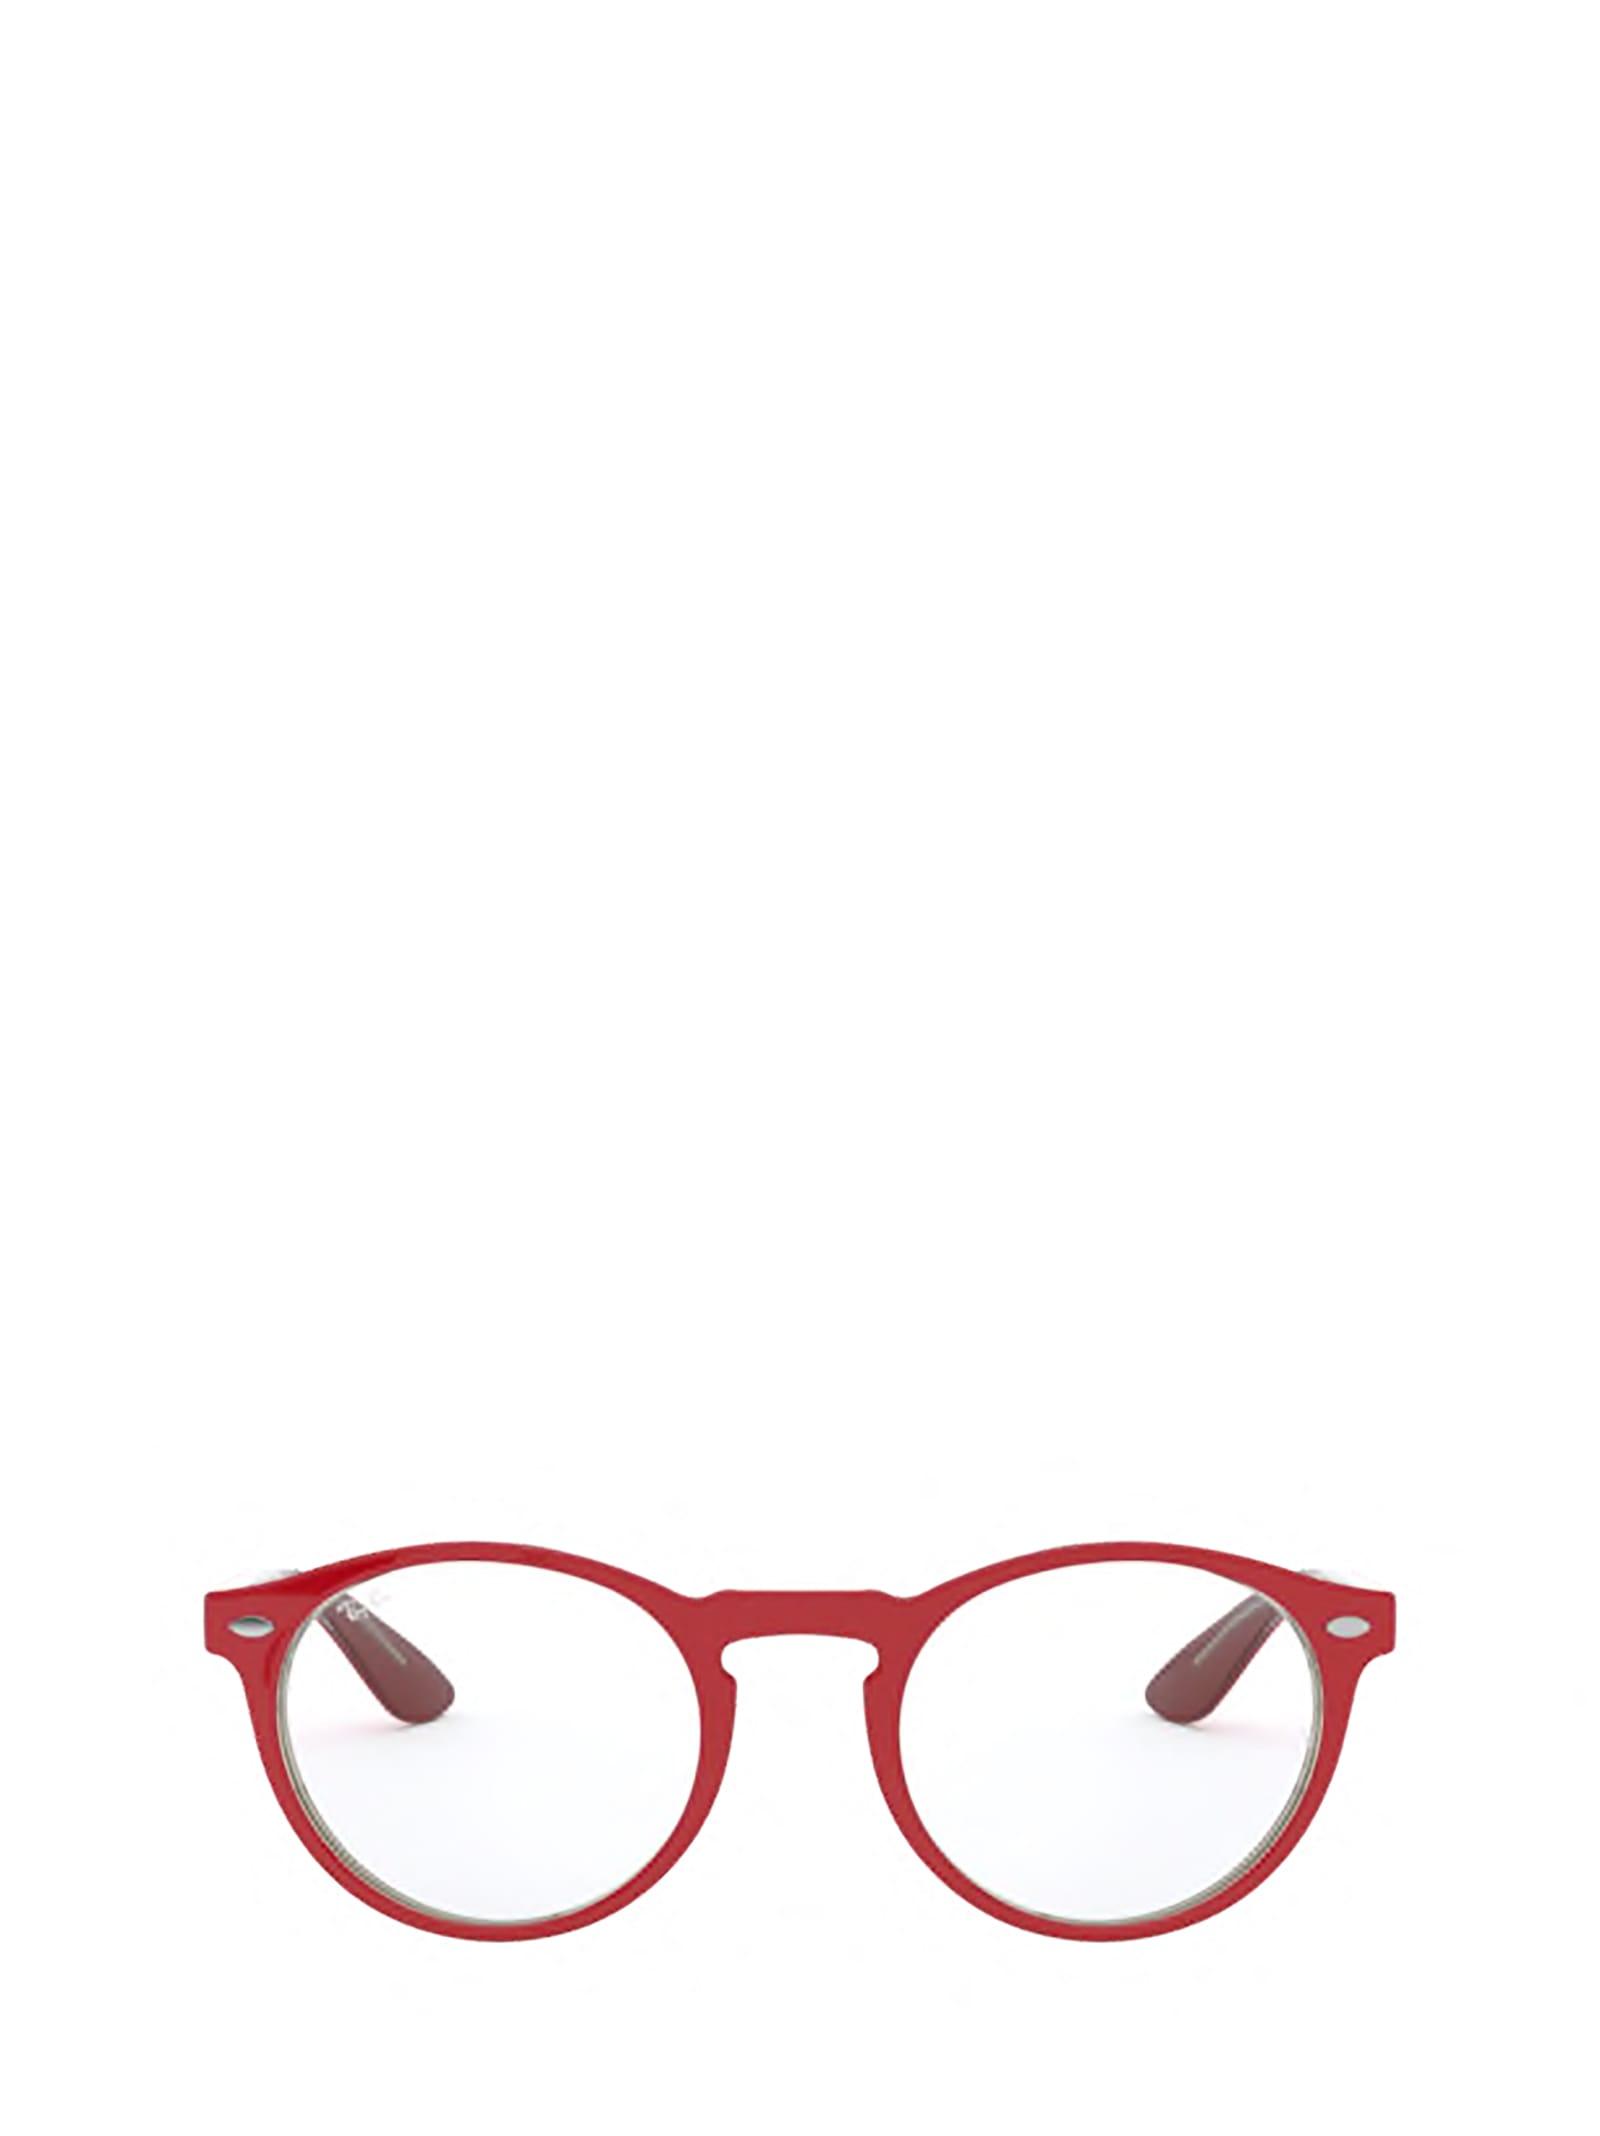 Ray-Ban Ray-ban Rx5283 5987 Glasses